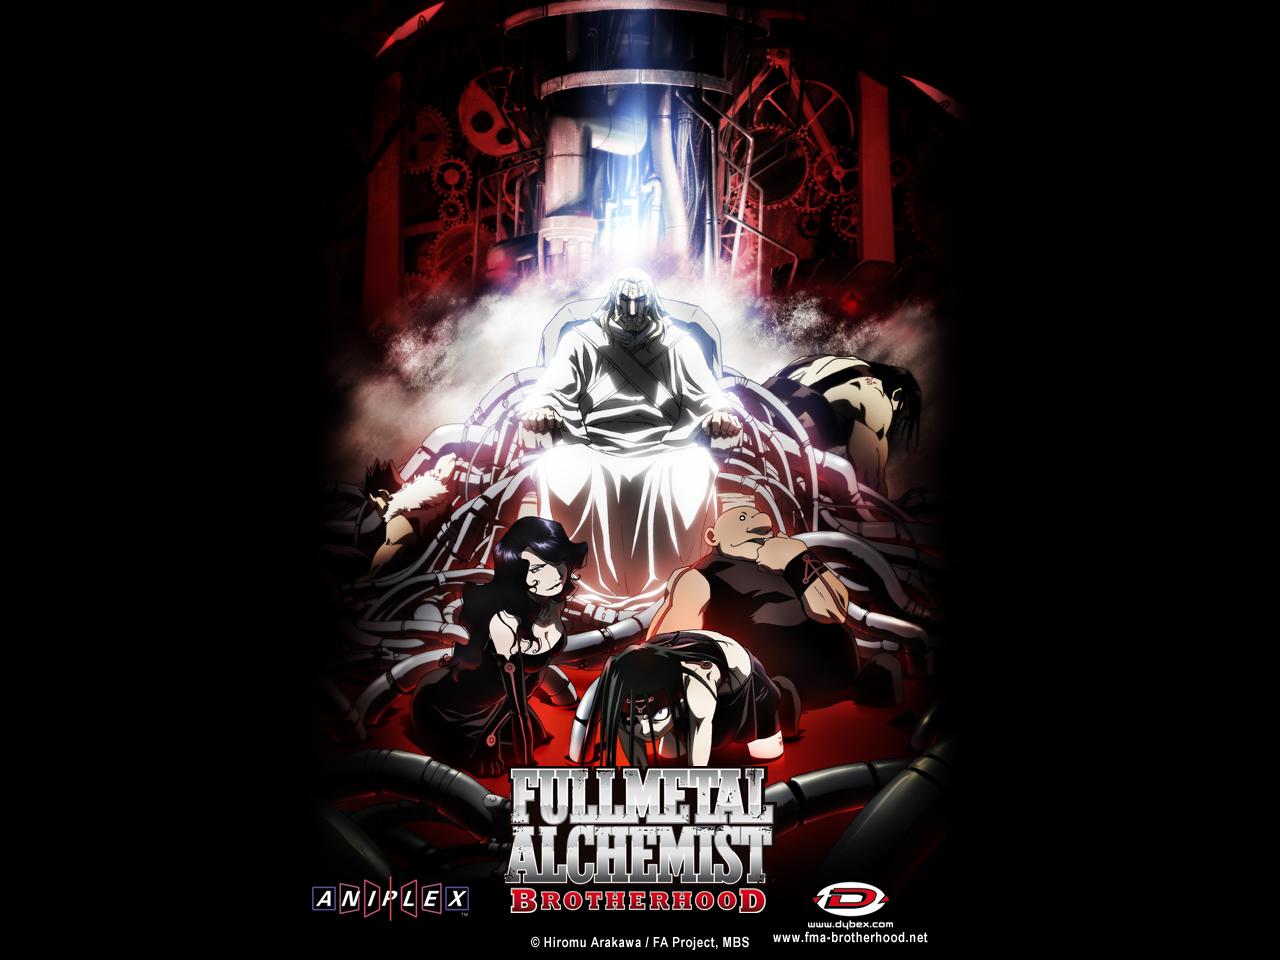 Fullmetal Alchemist Brotherhood   Wallpaper   Fullmetal Alchemist 1280x960